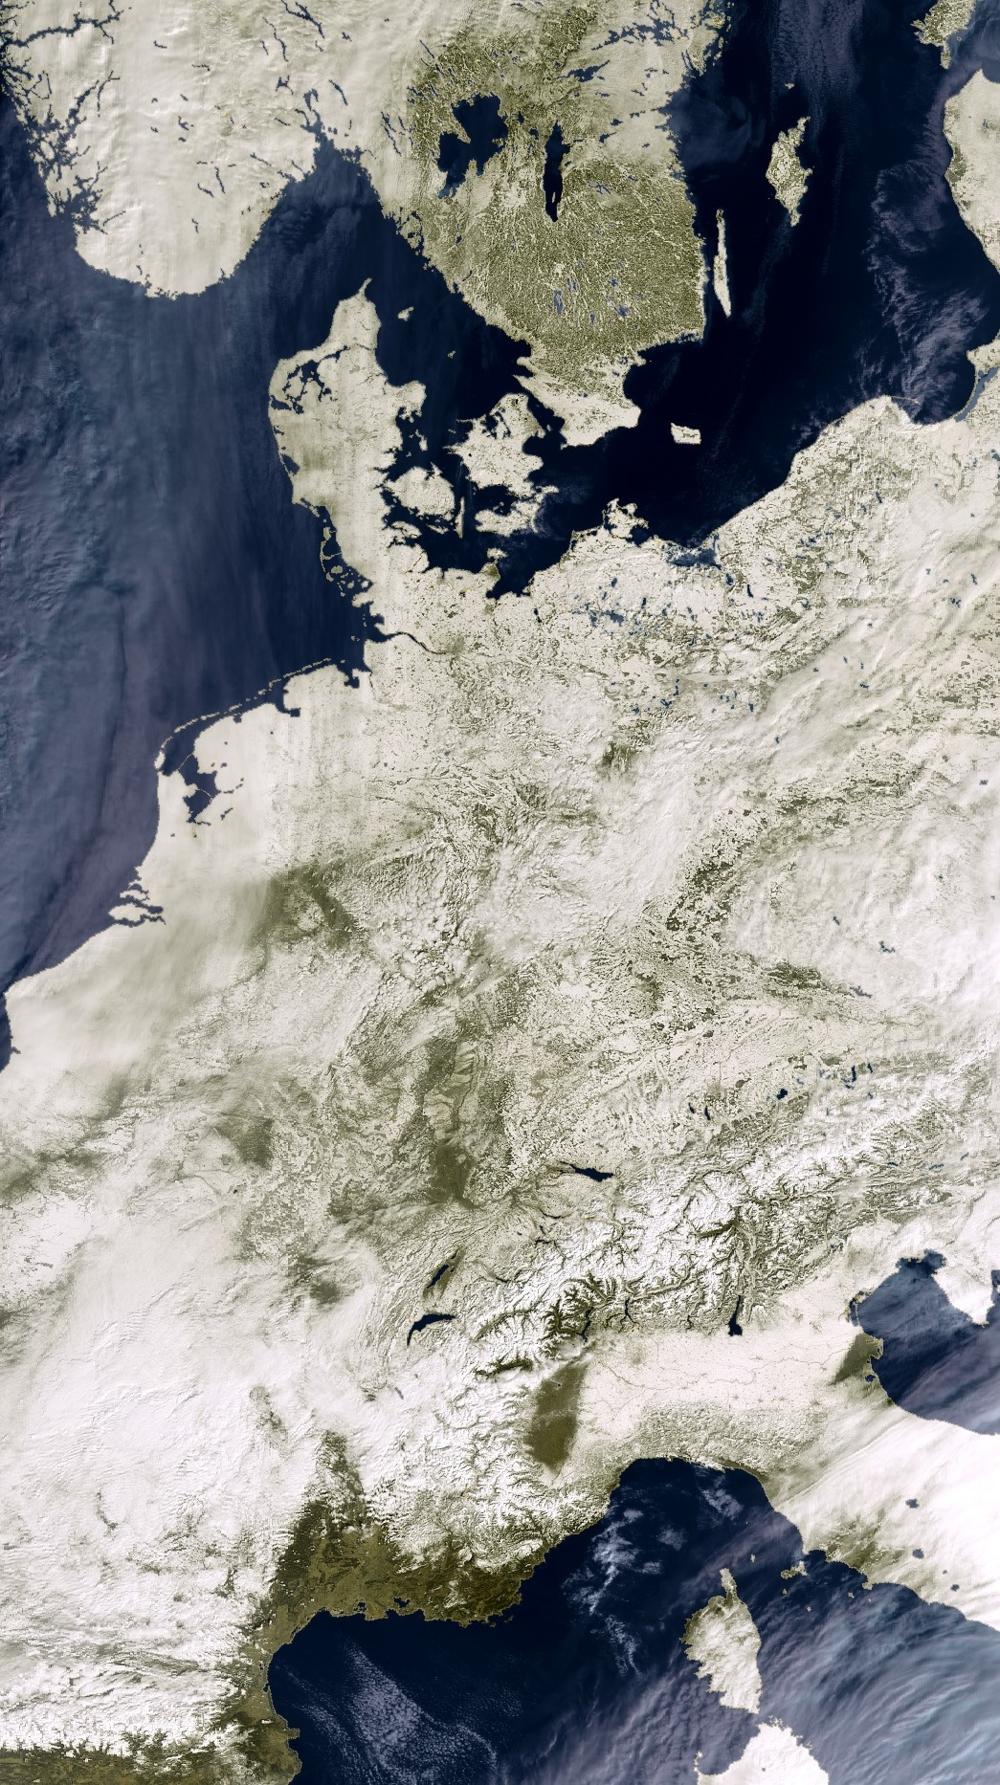 Europa i snø, sett av Envisat i mars 2005. Foto: ESA